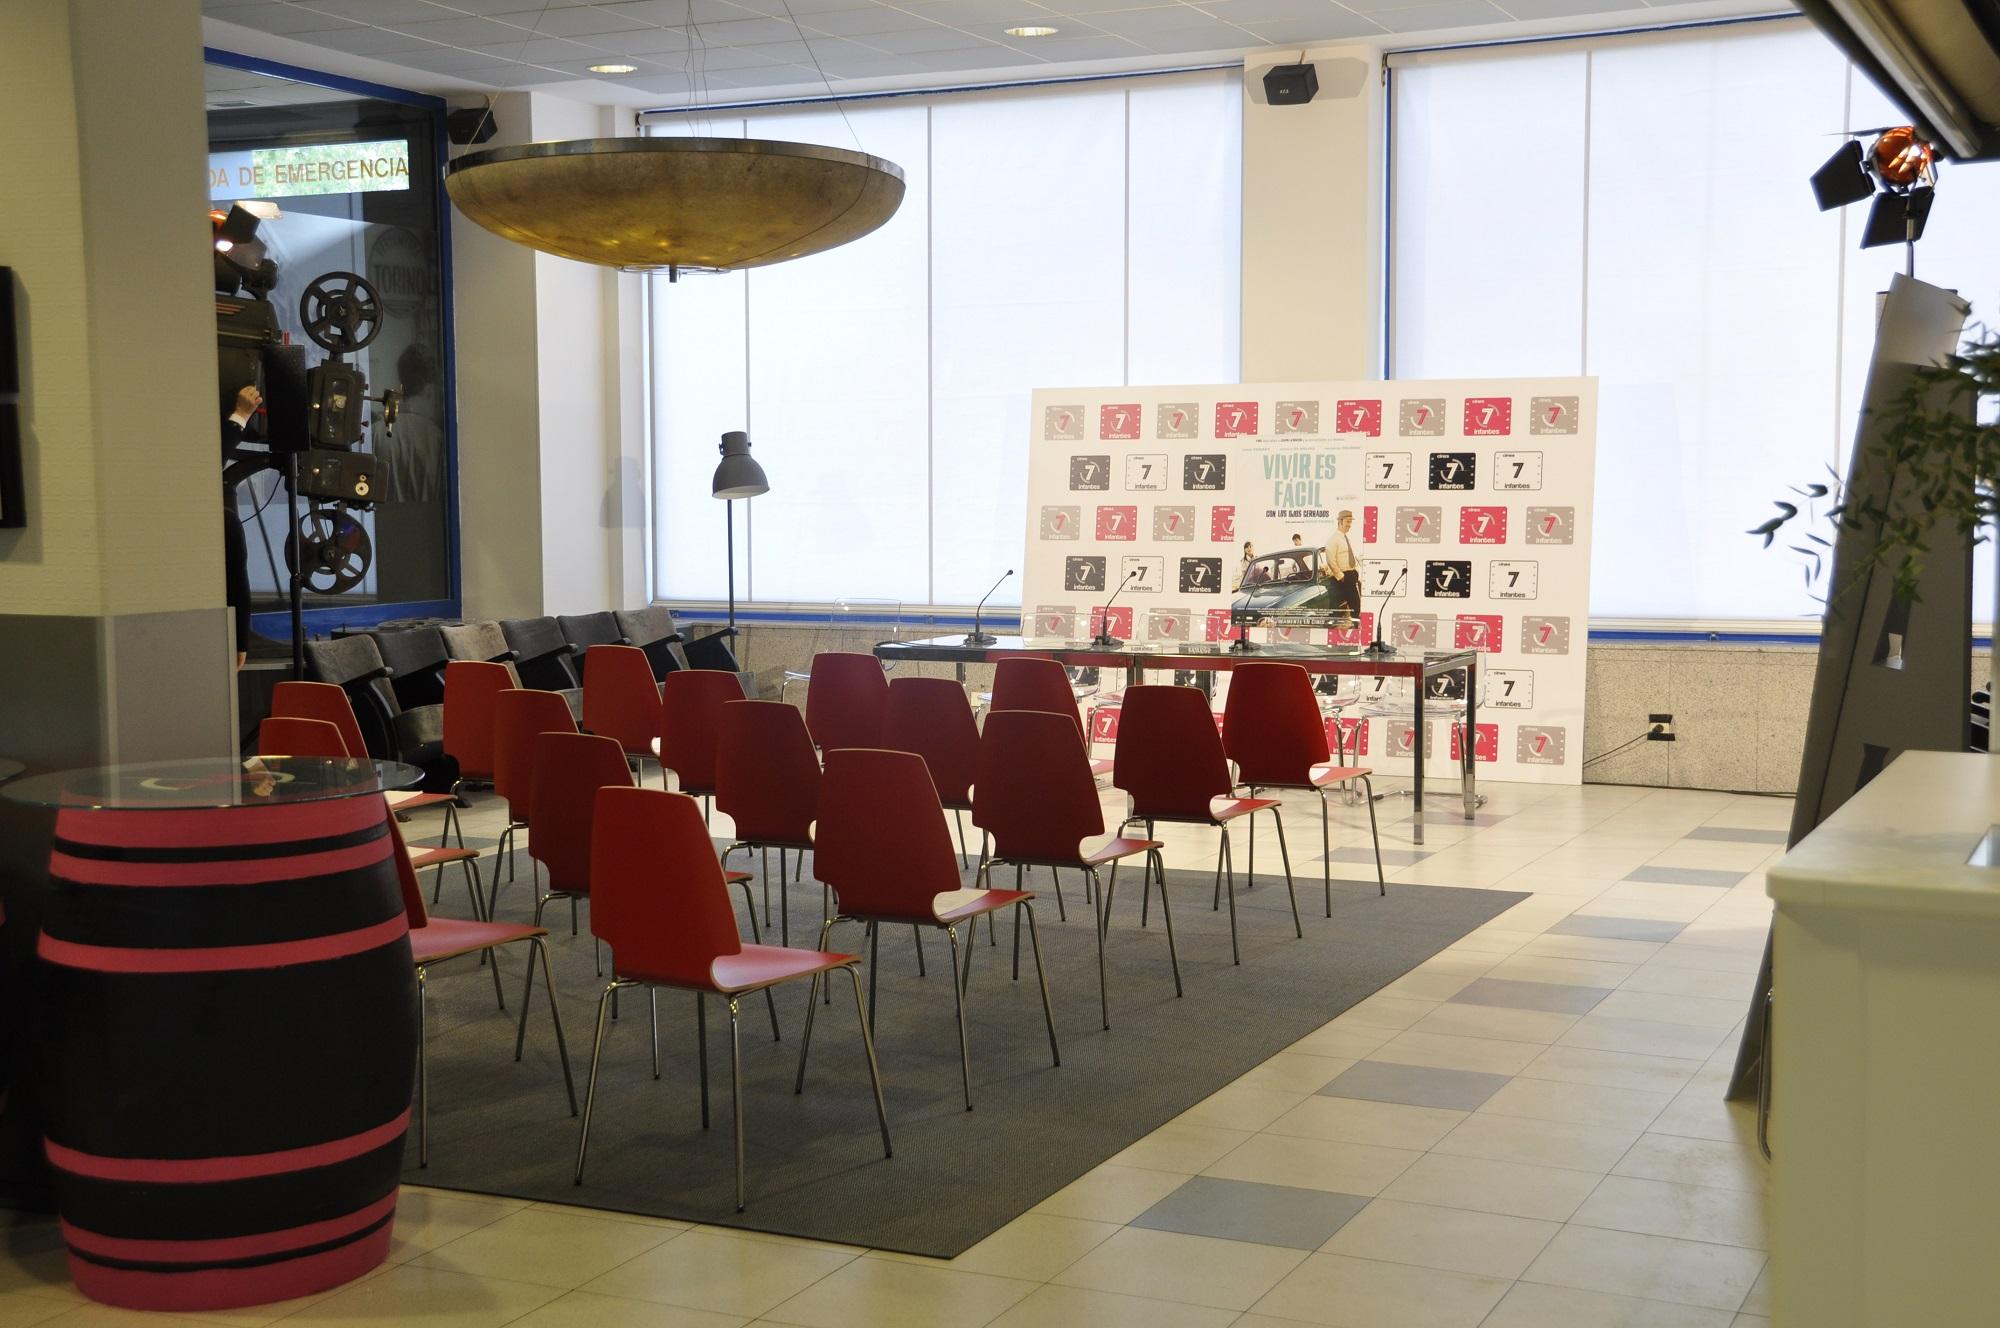 Inauguración Cines 7 Infantes 1